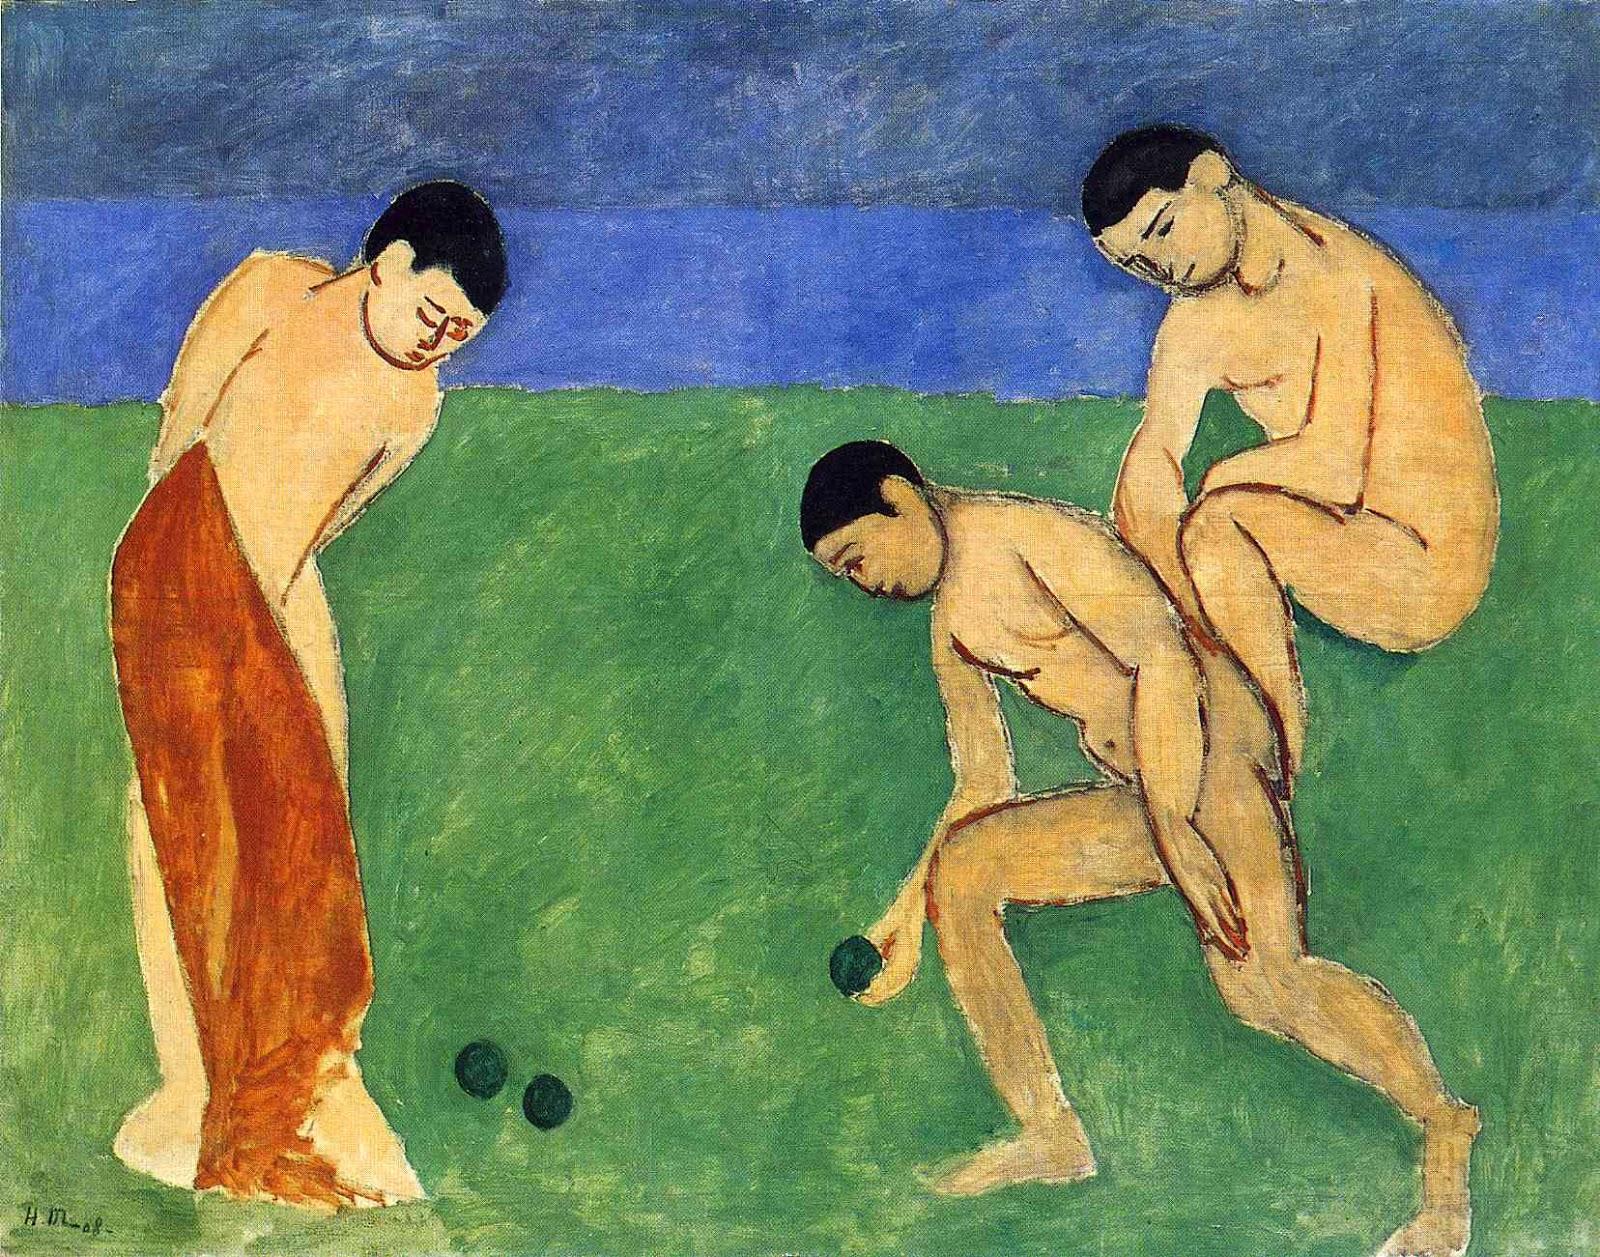 Jogo de Bacias - Pinturas de Matisse, Henri - (Fauvismo) Francês